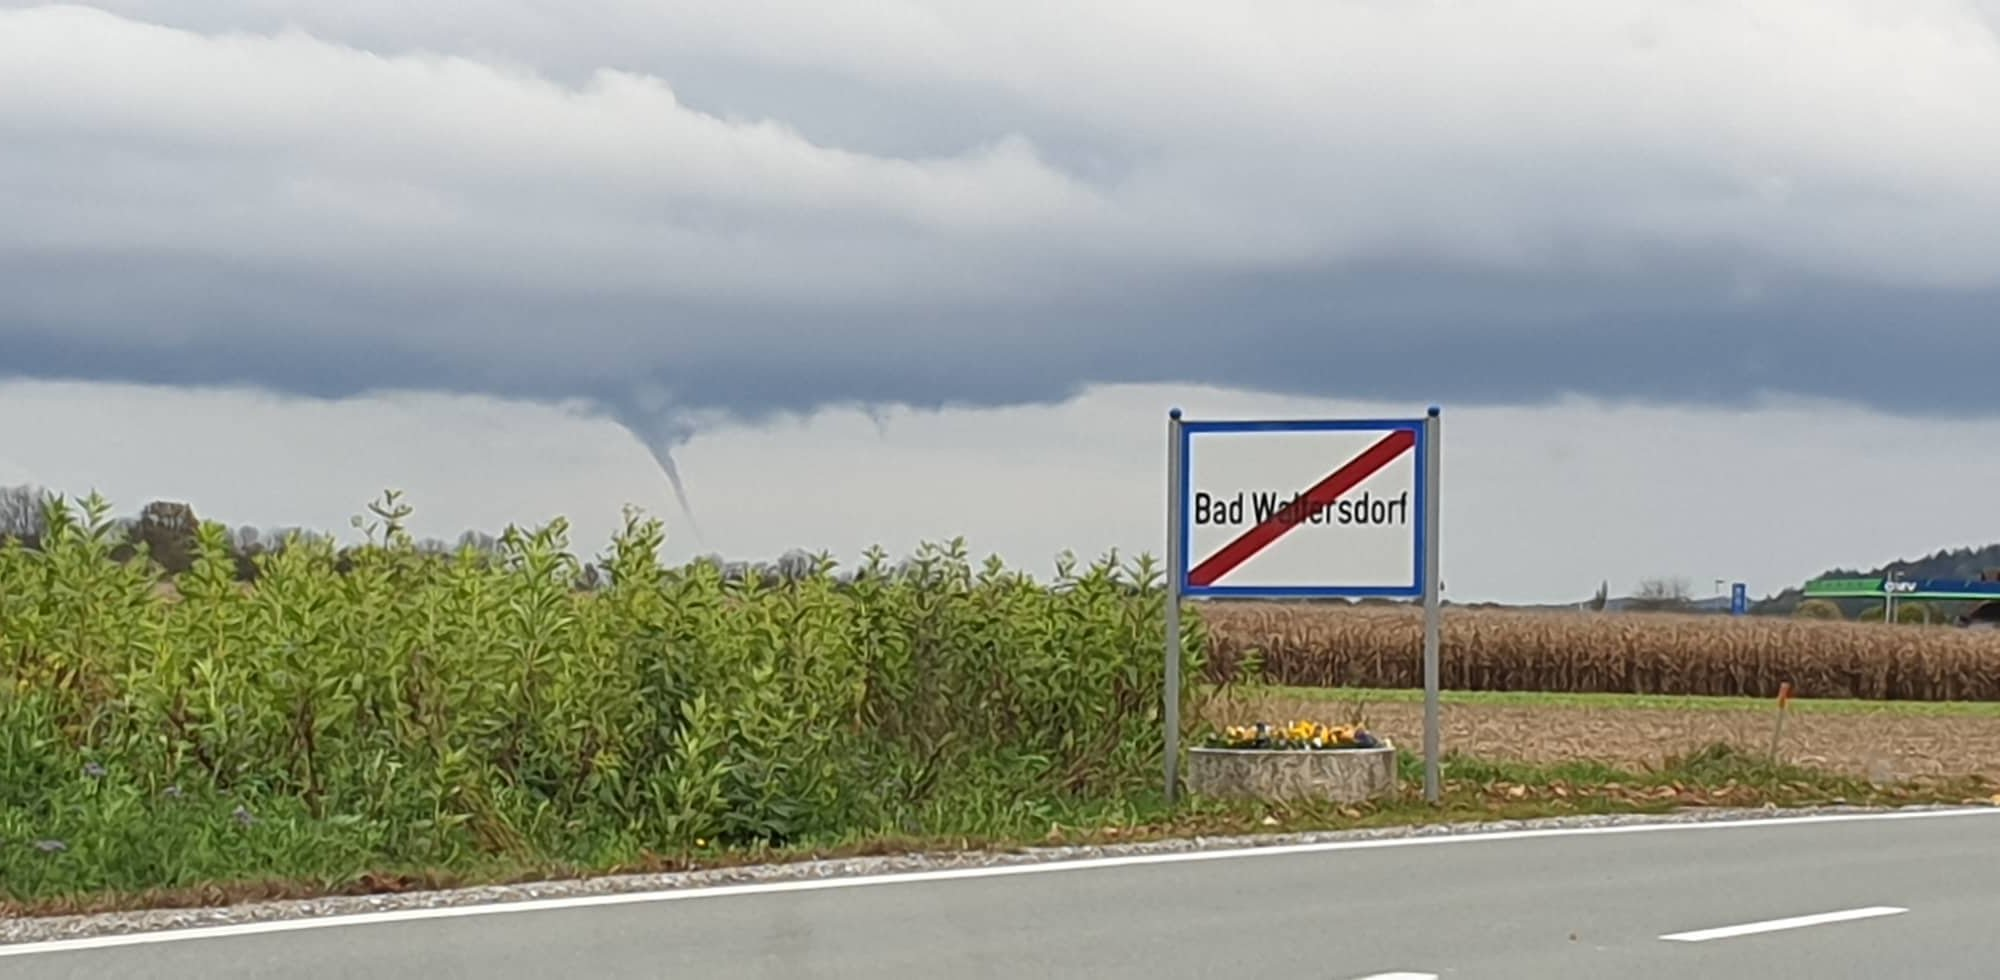 Bild des aufgetretenen Funnels bei Bad Waltersdorf @ Nadine Haas / AWÖ